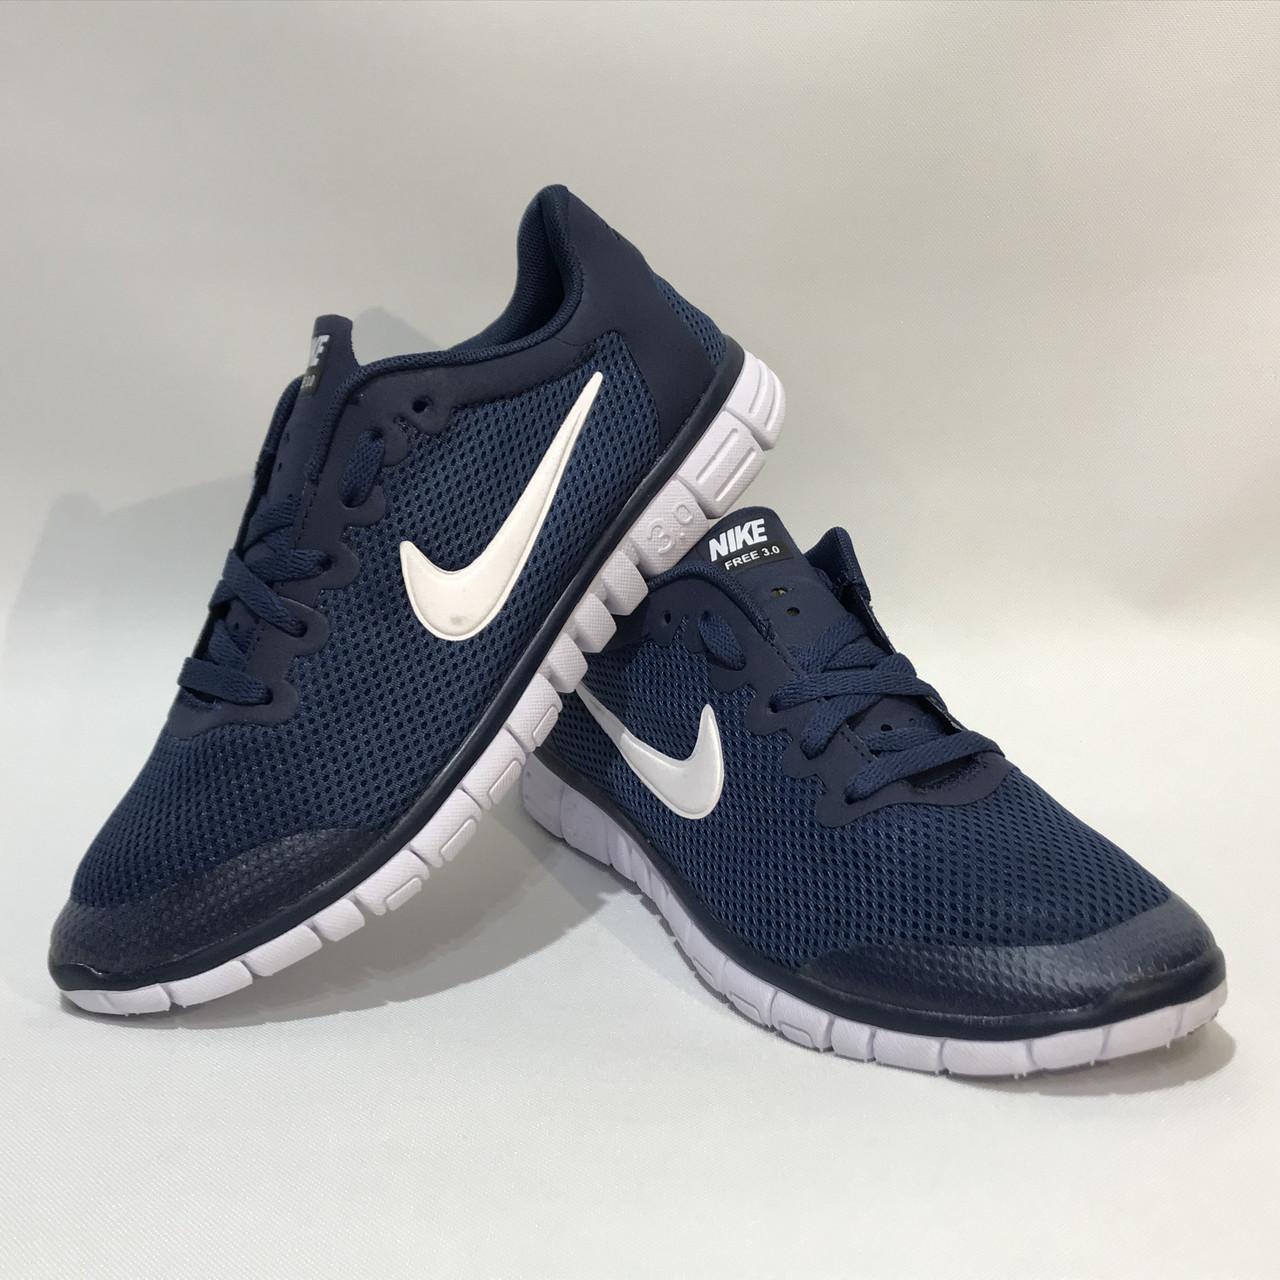 dd5130c0 Кроссовки мужские Nike Free Run 3.0 сетка синие (найк фри ран), цена 568,75  грн., купить в Запорожье — Prom.ua (ID#924330872)